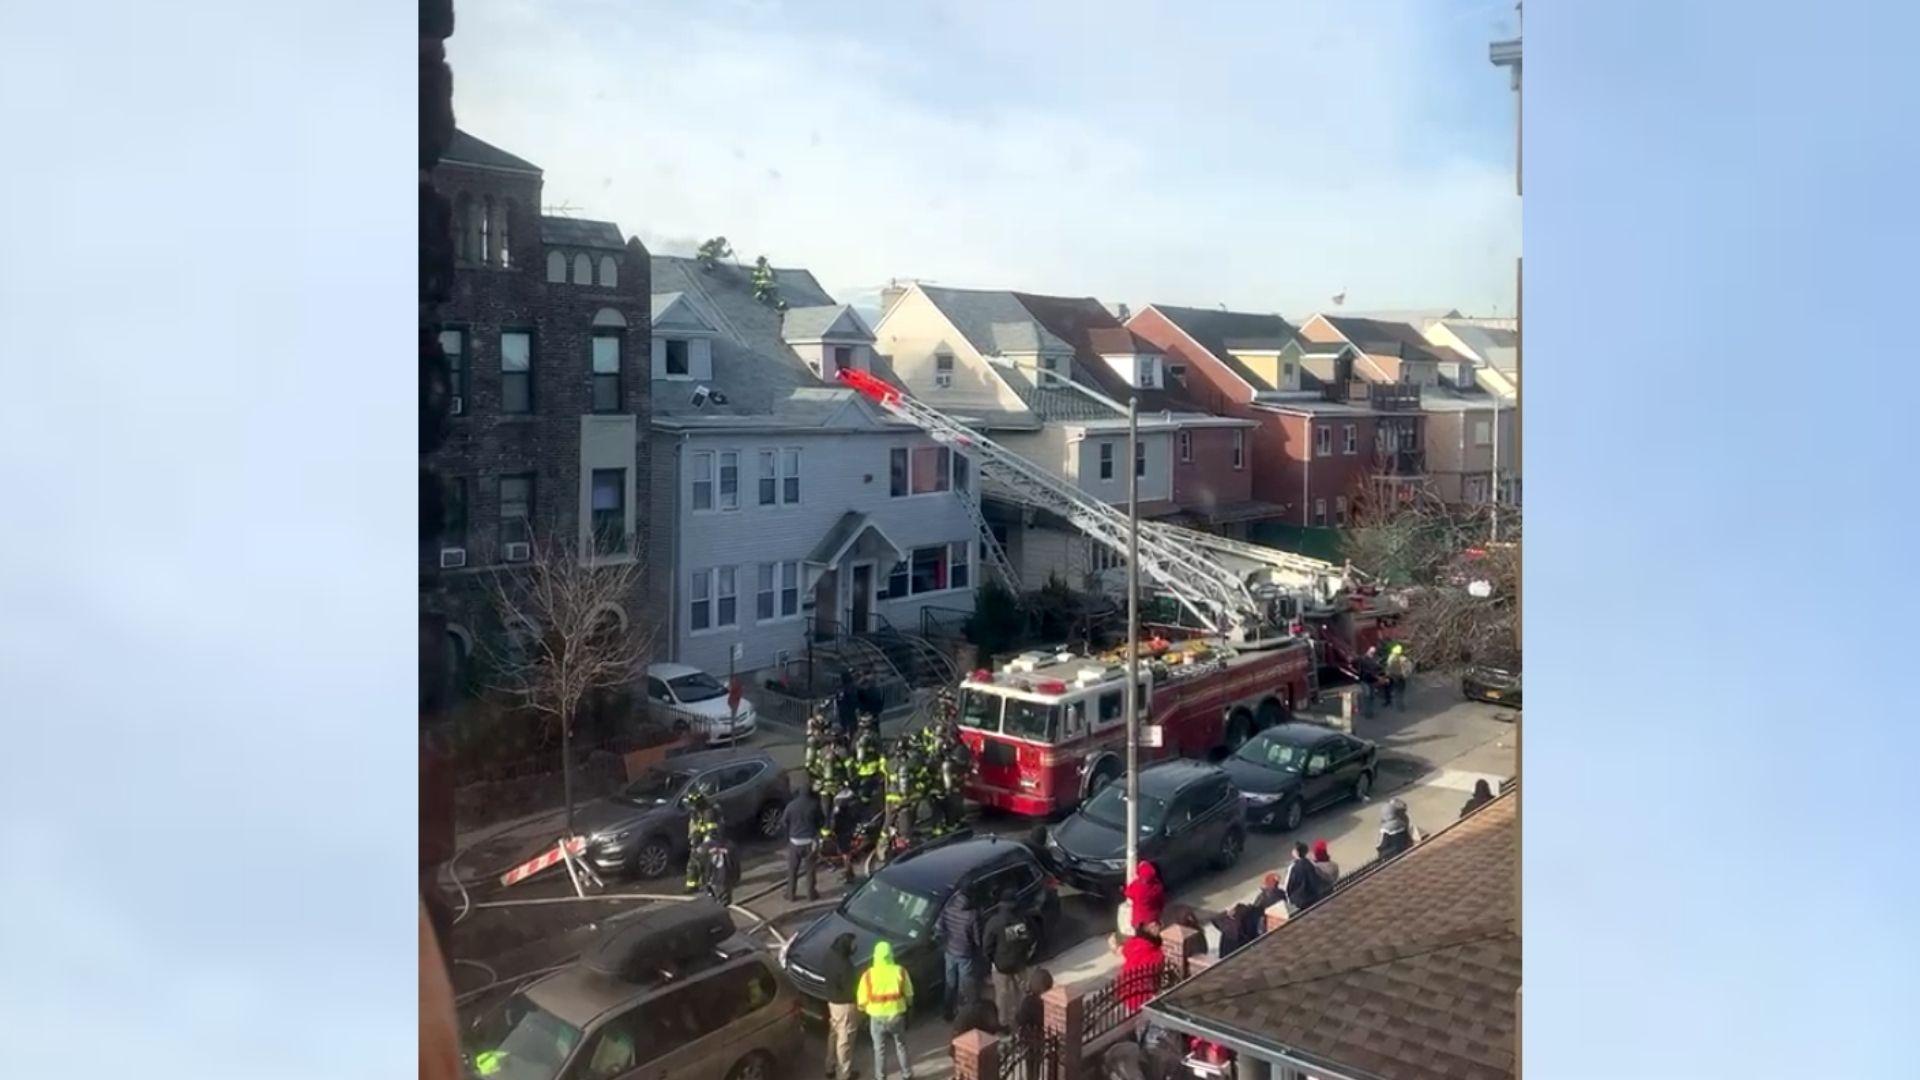 Bensonhurst house fire